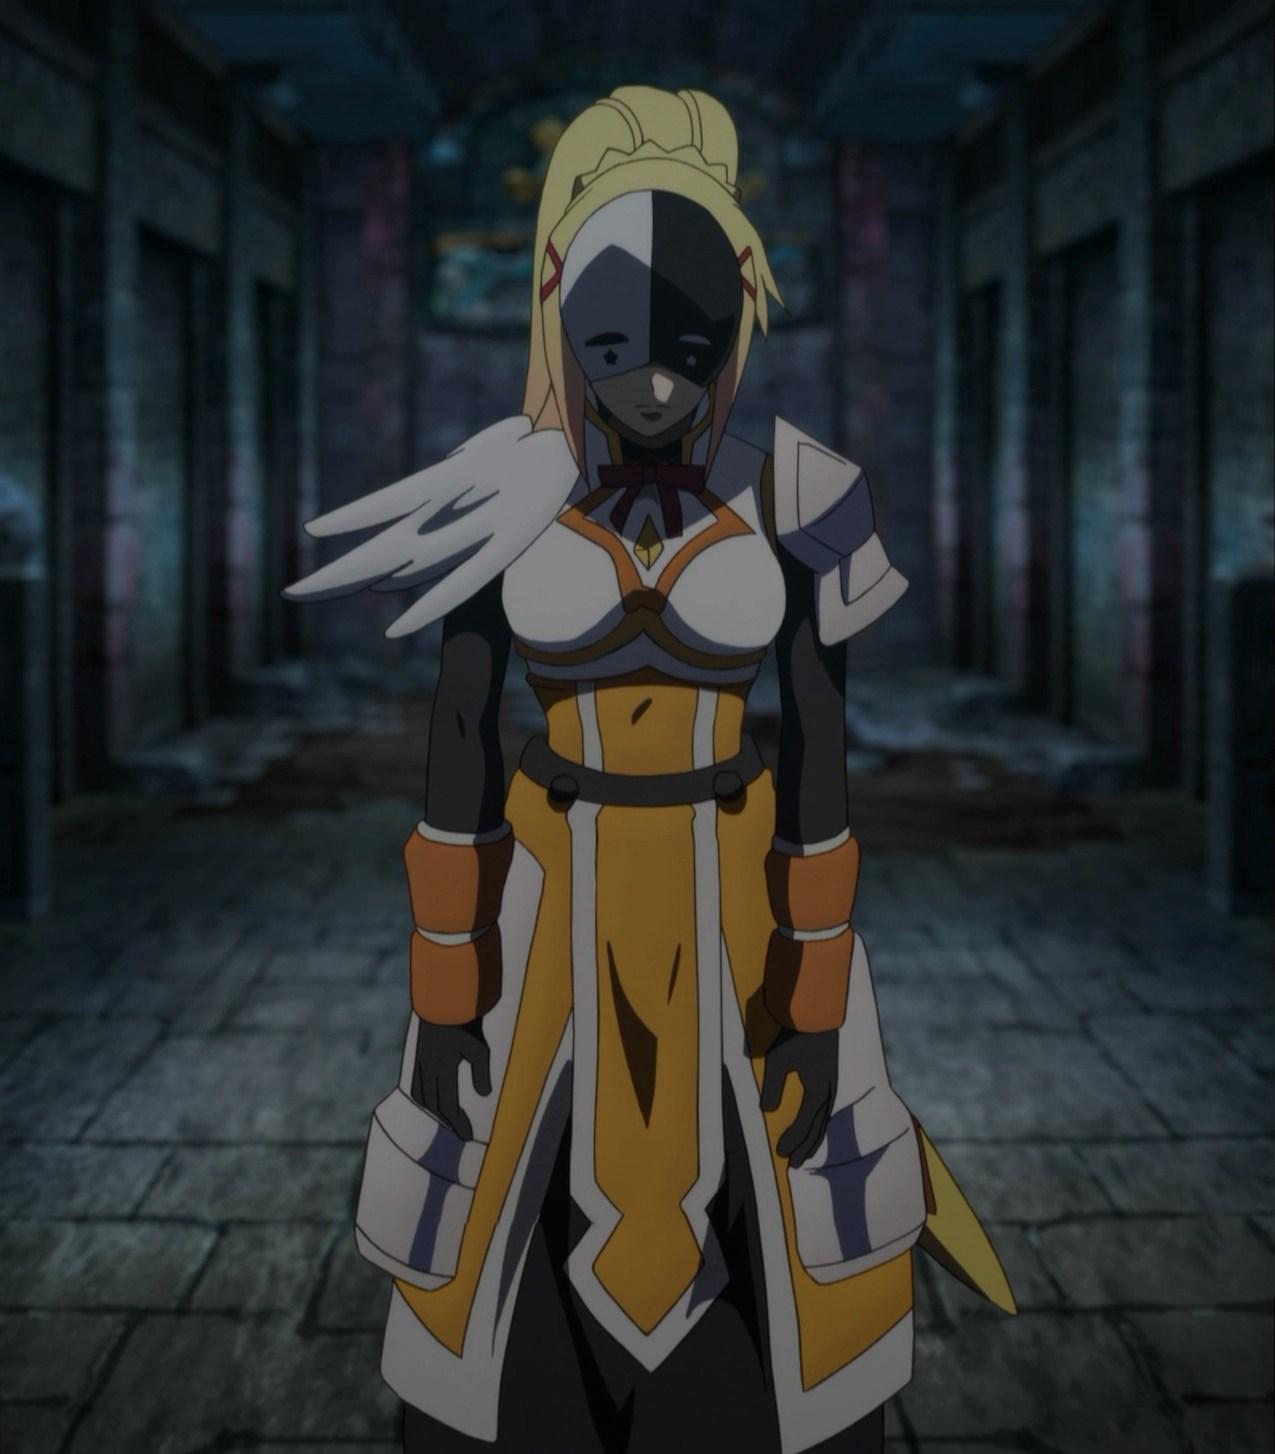 Kono Subarashî Sekai Ni Shukufuku O Servitude For This Masked